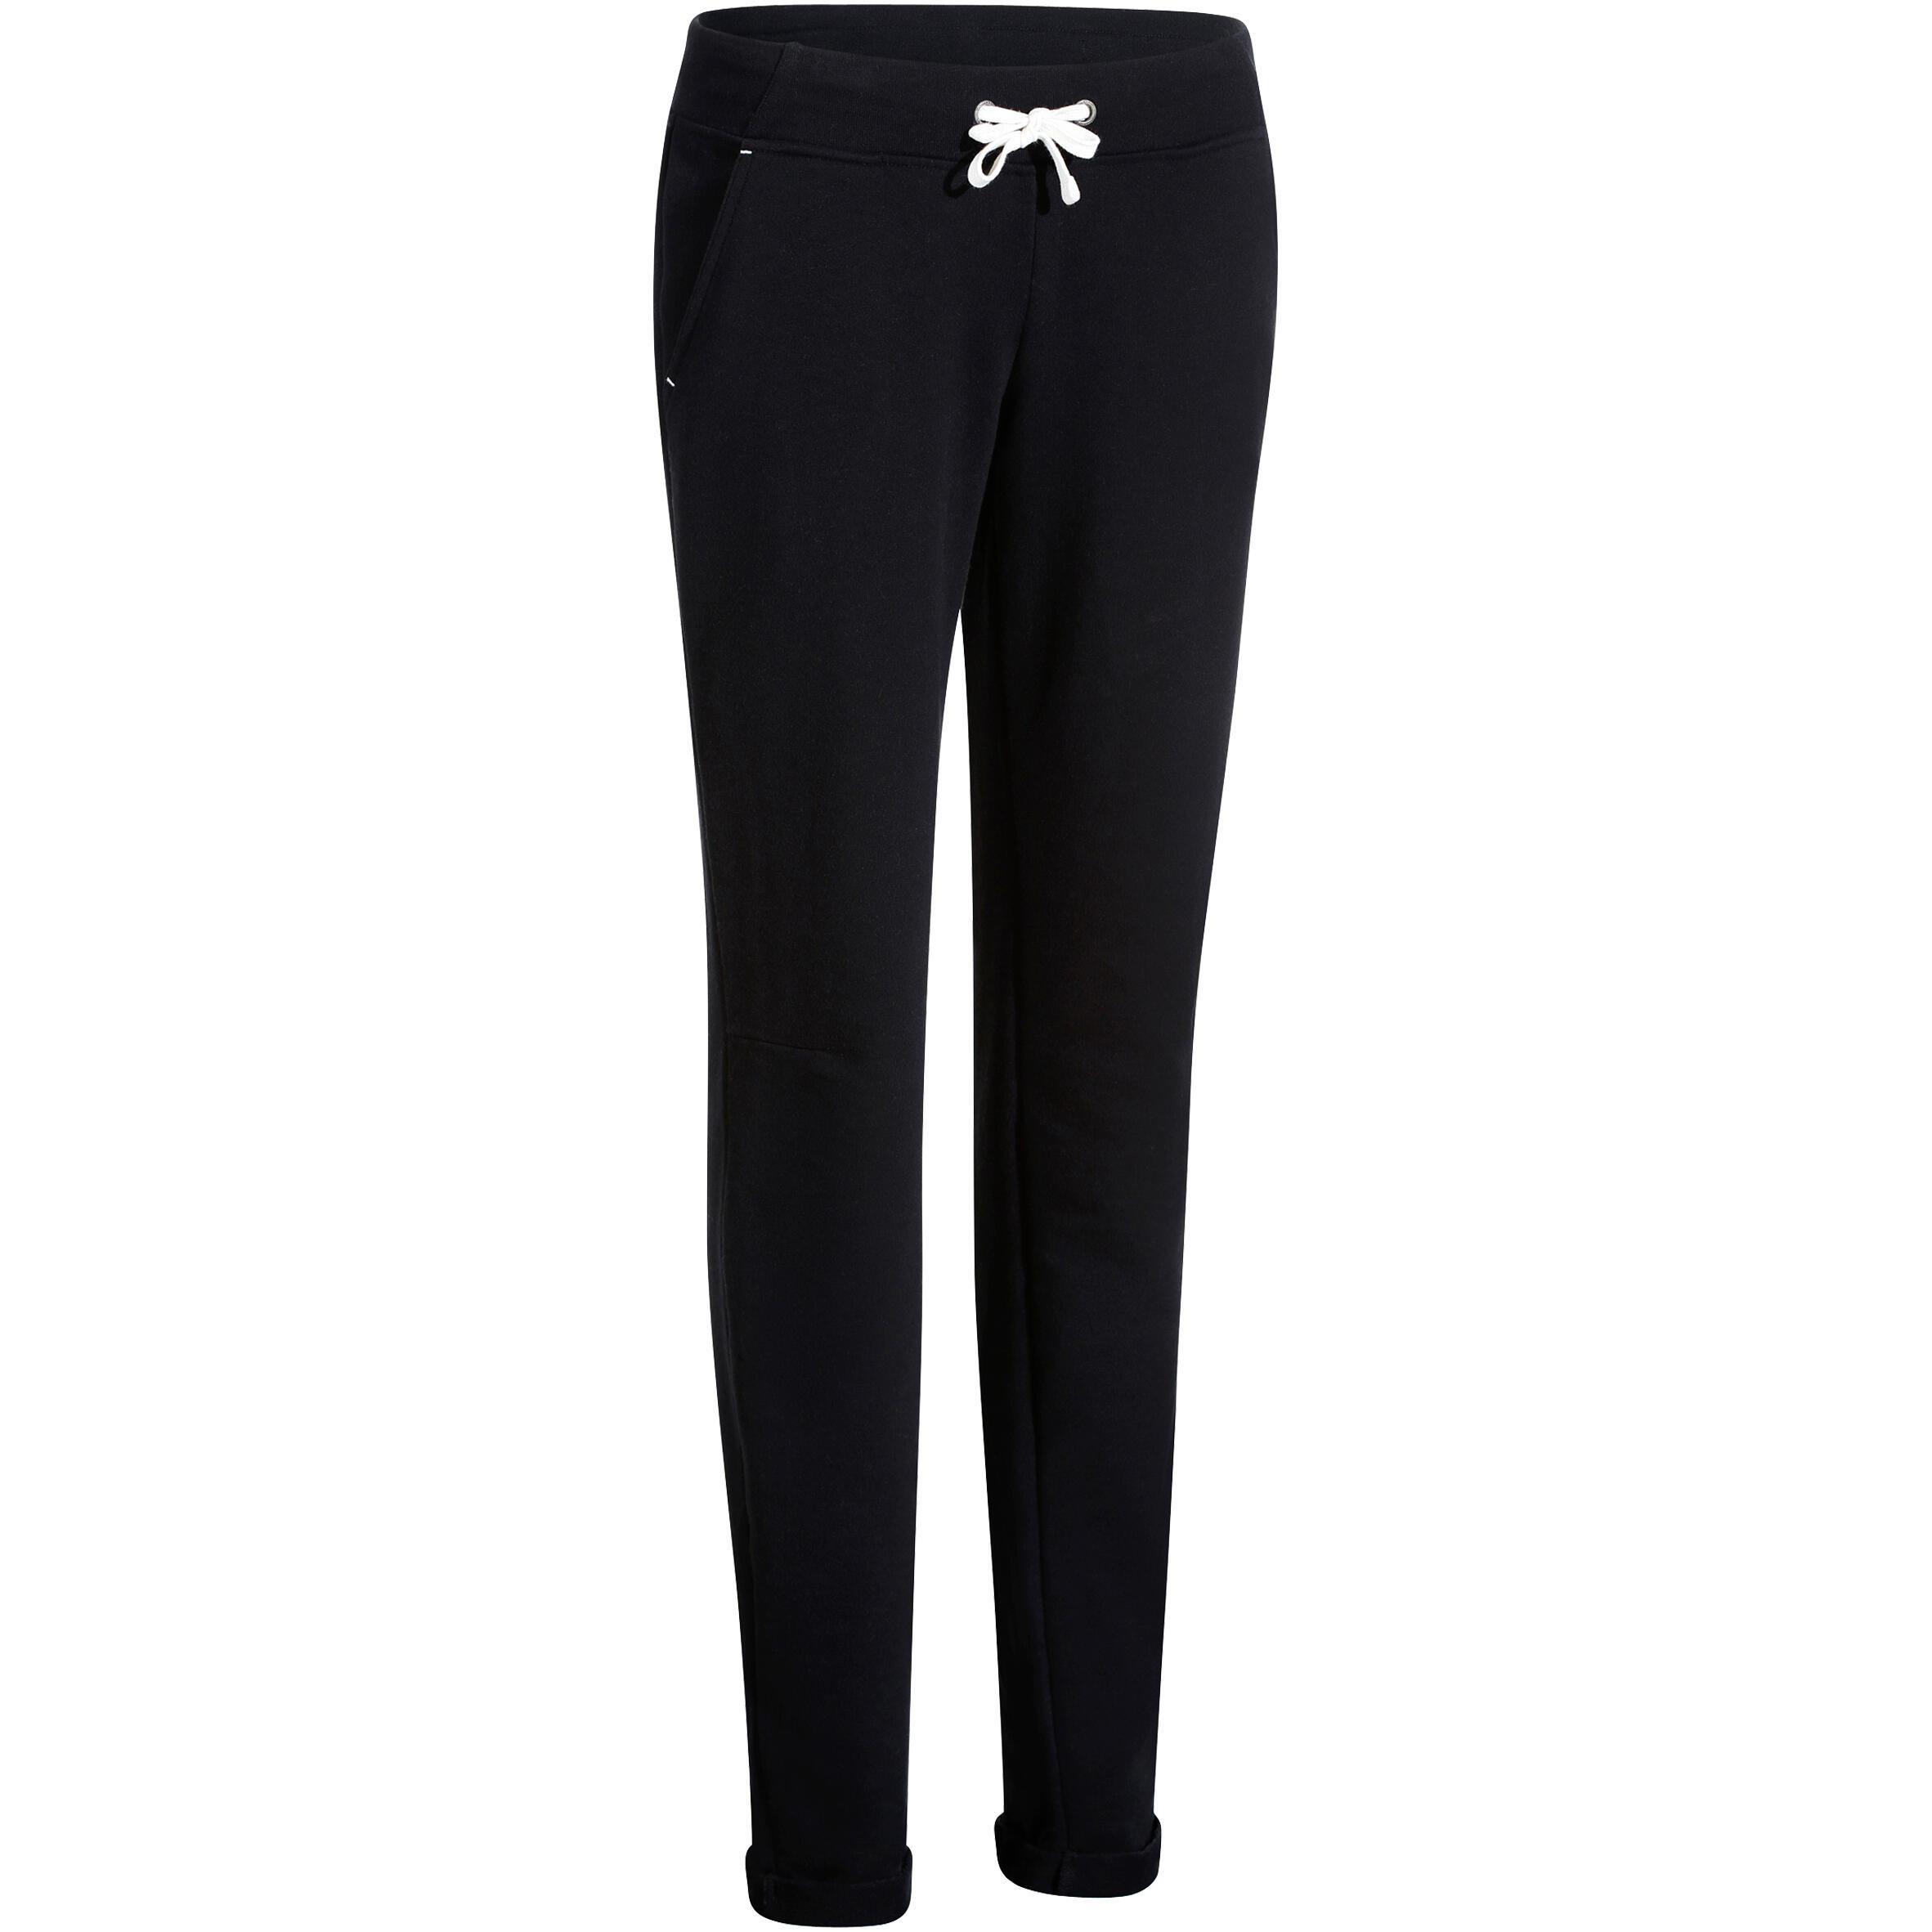 Pantalon 500 mince gymnastique d'étirements femme noir